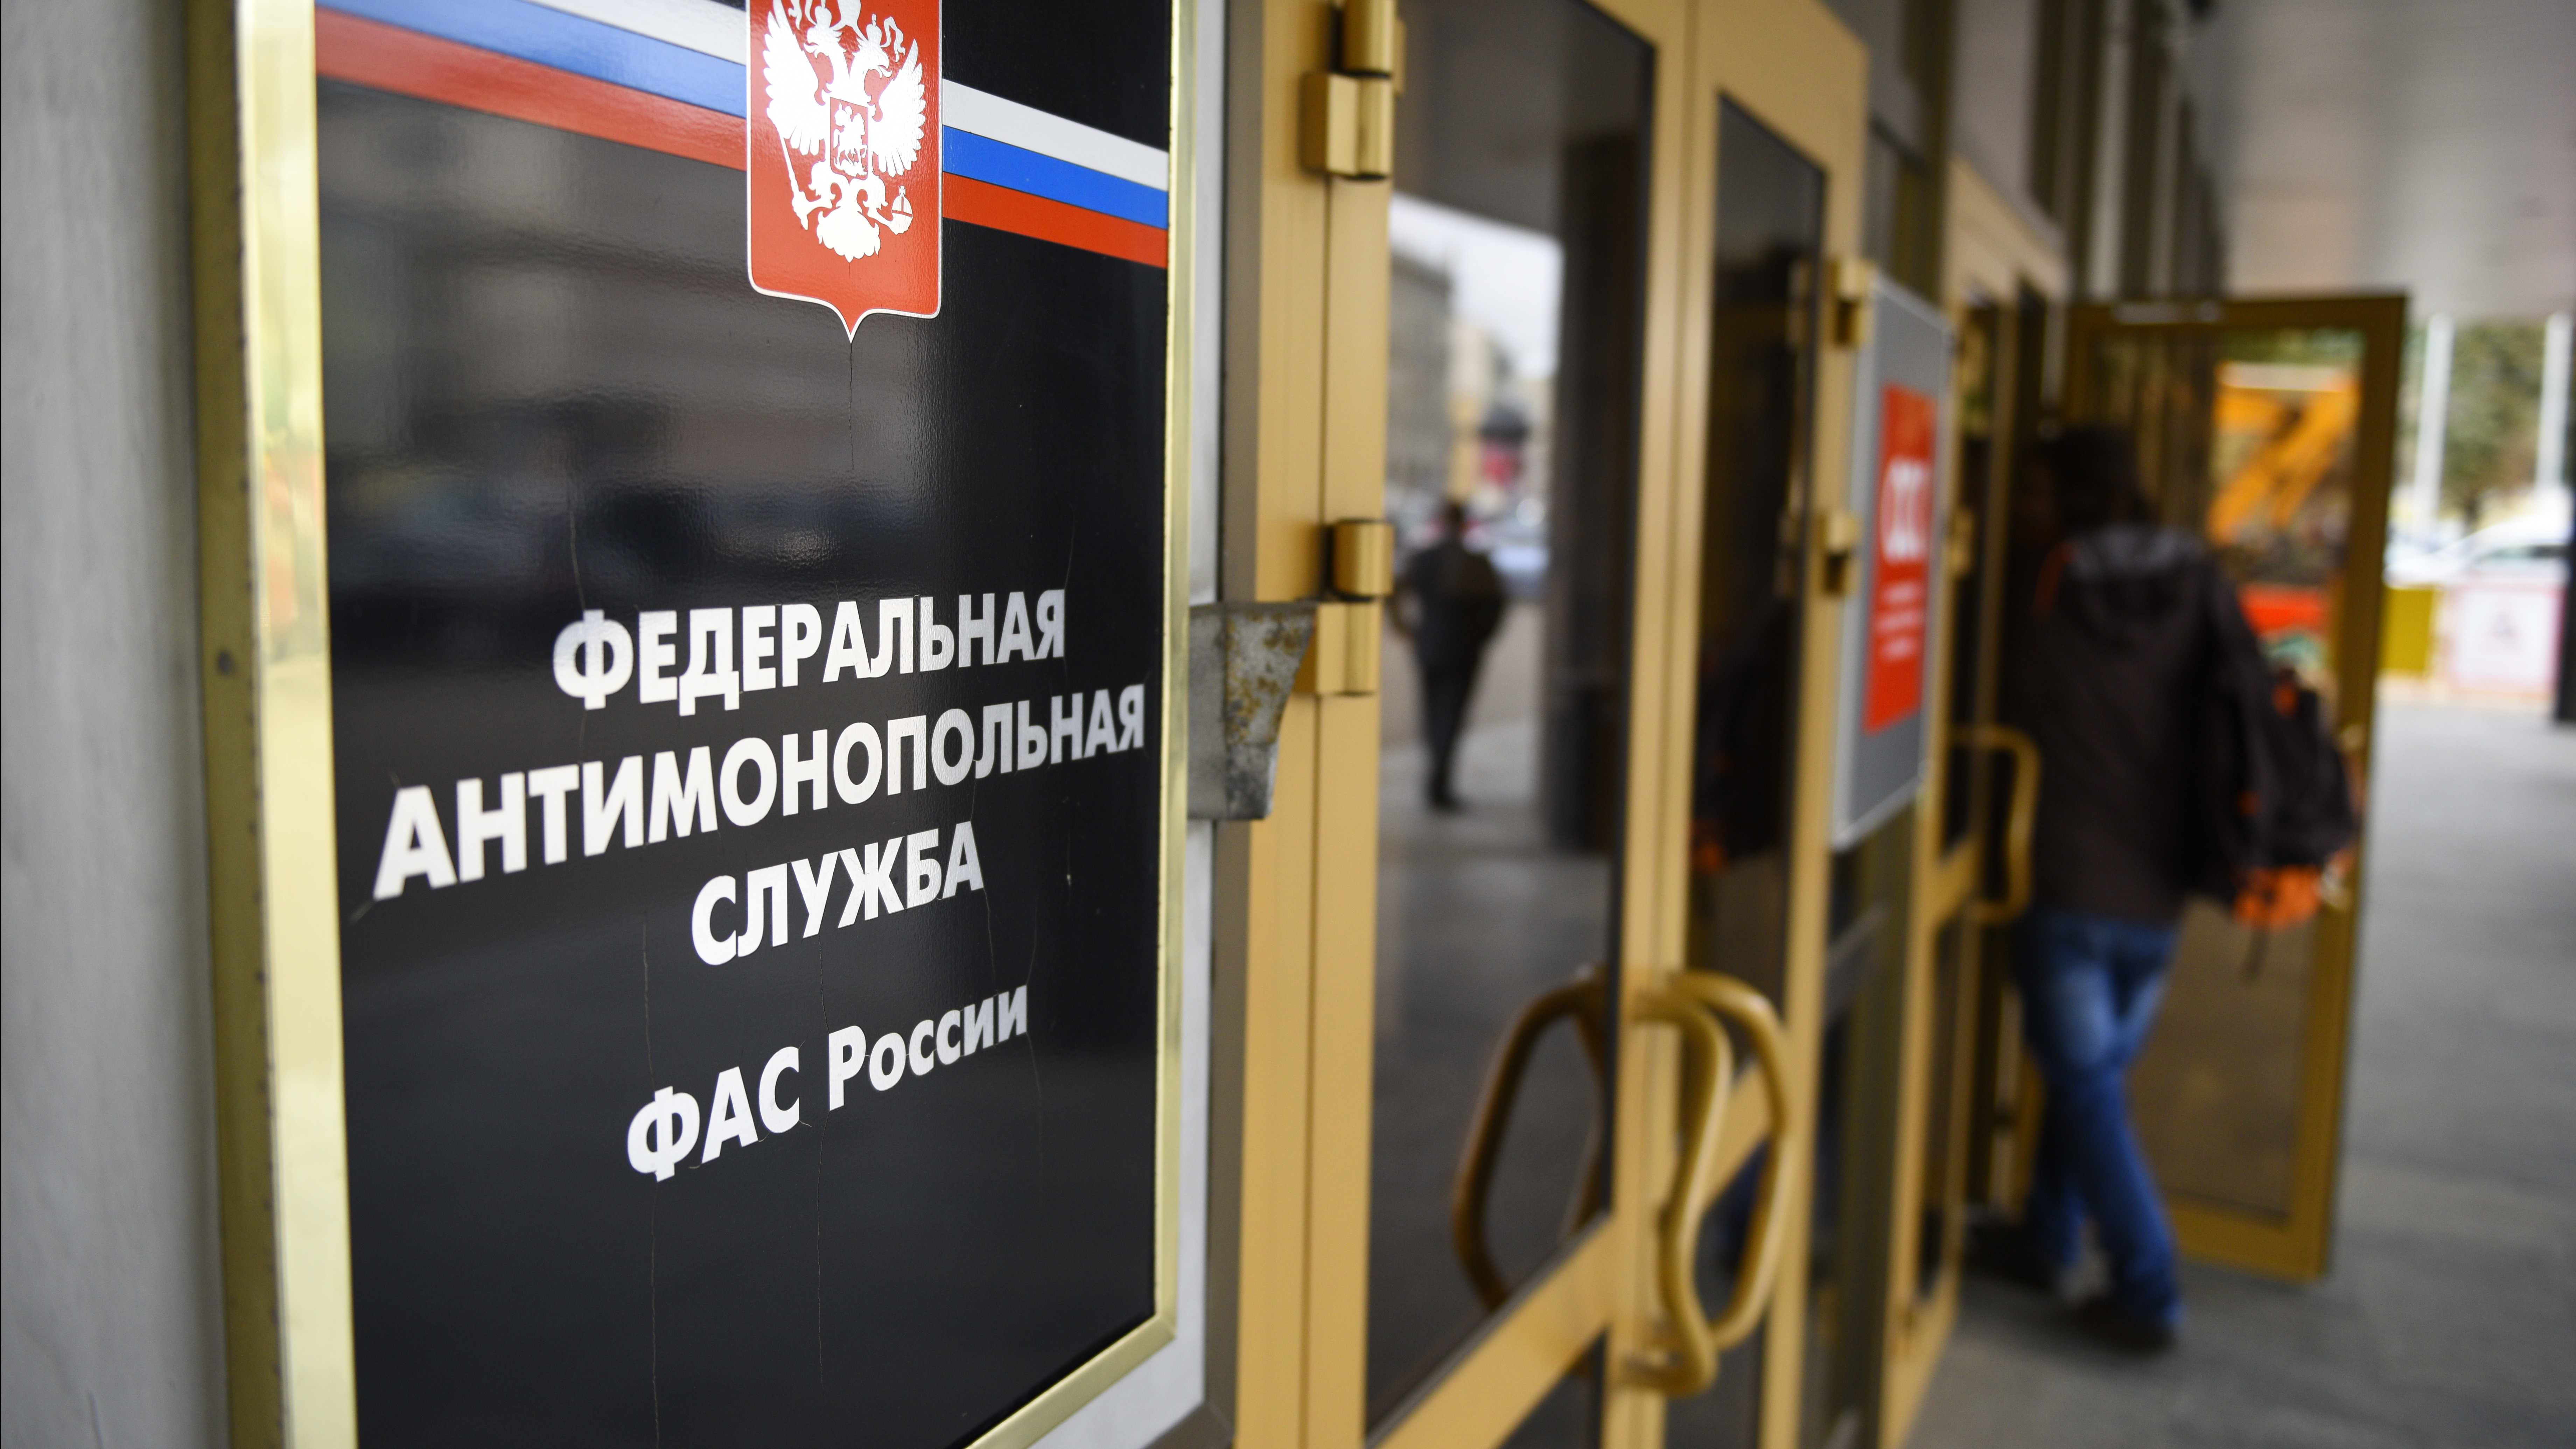 Подмосковное УФАС внесет ООО «Теплострой» в реестр недобросовестных поставщиков